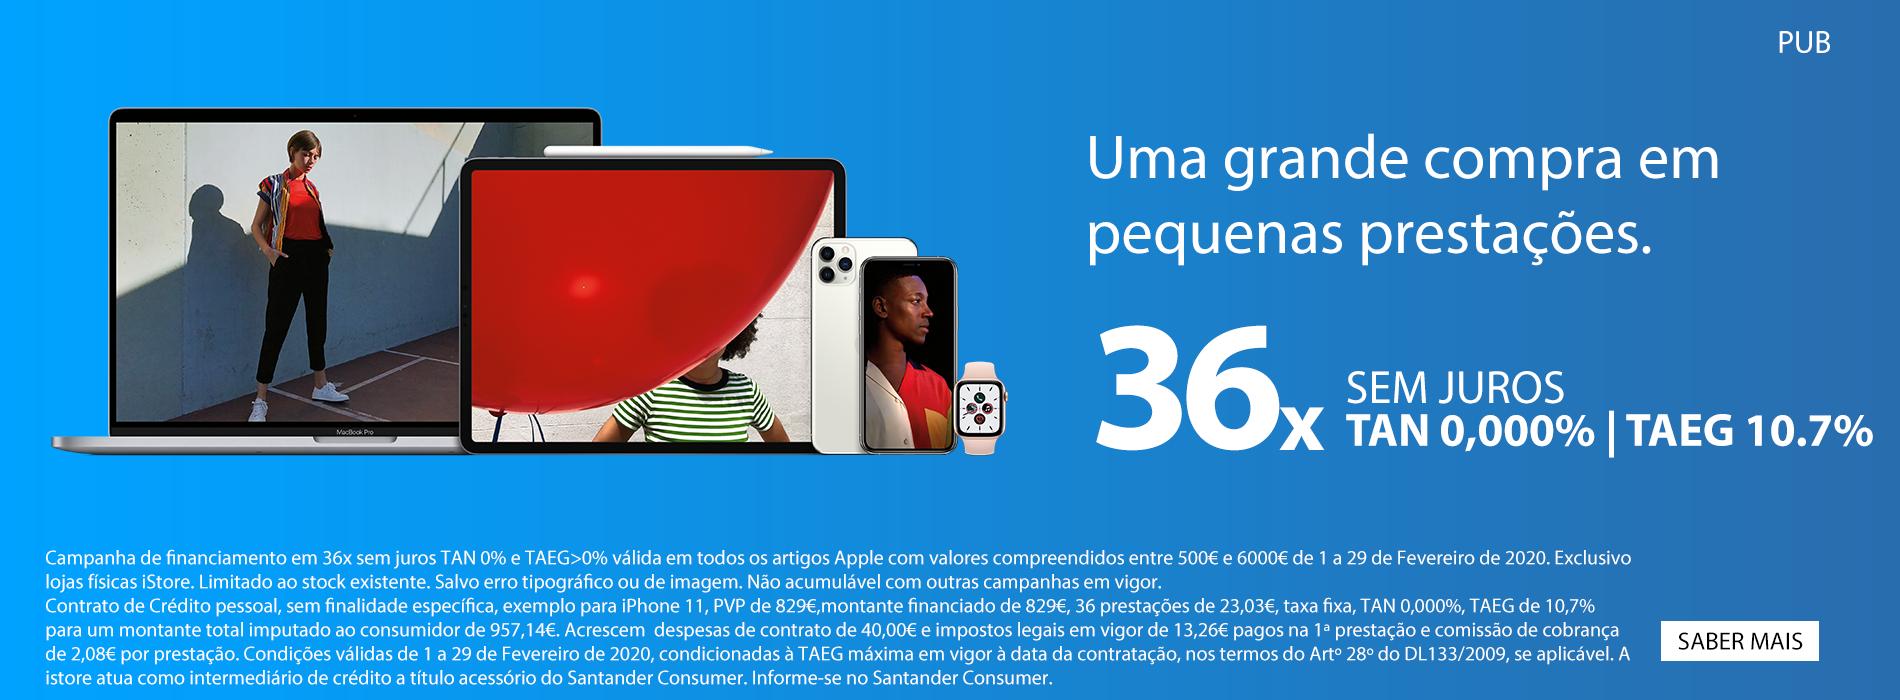 Homepage Slideshow - Financiamento 36x